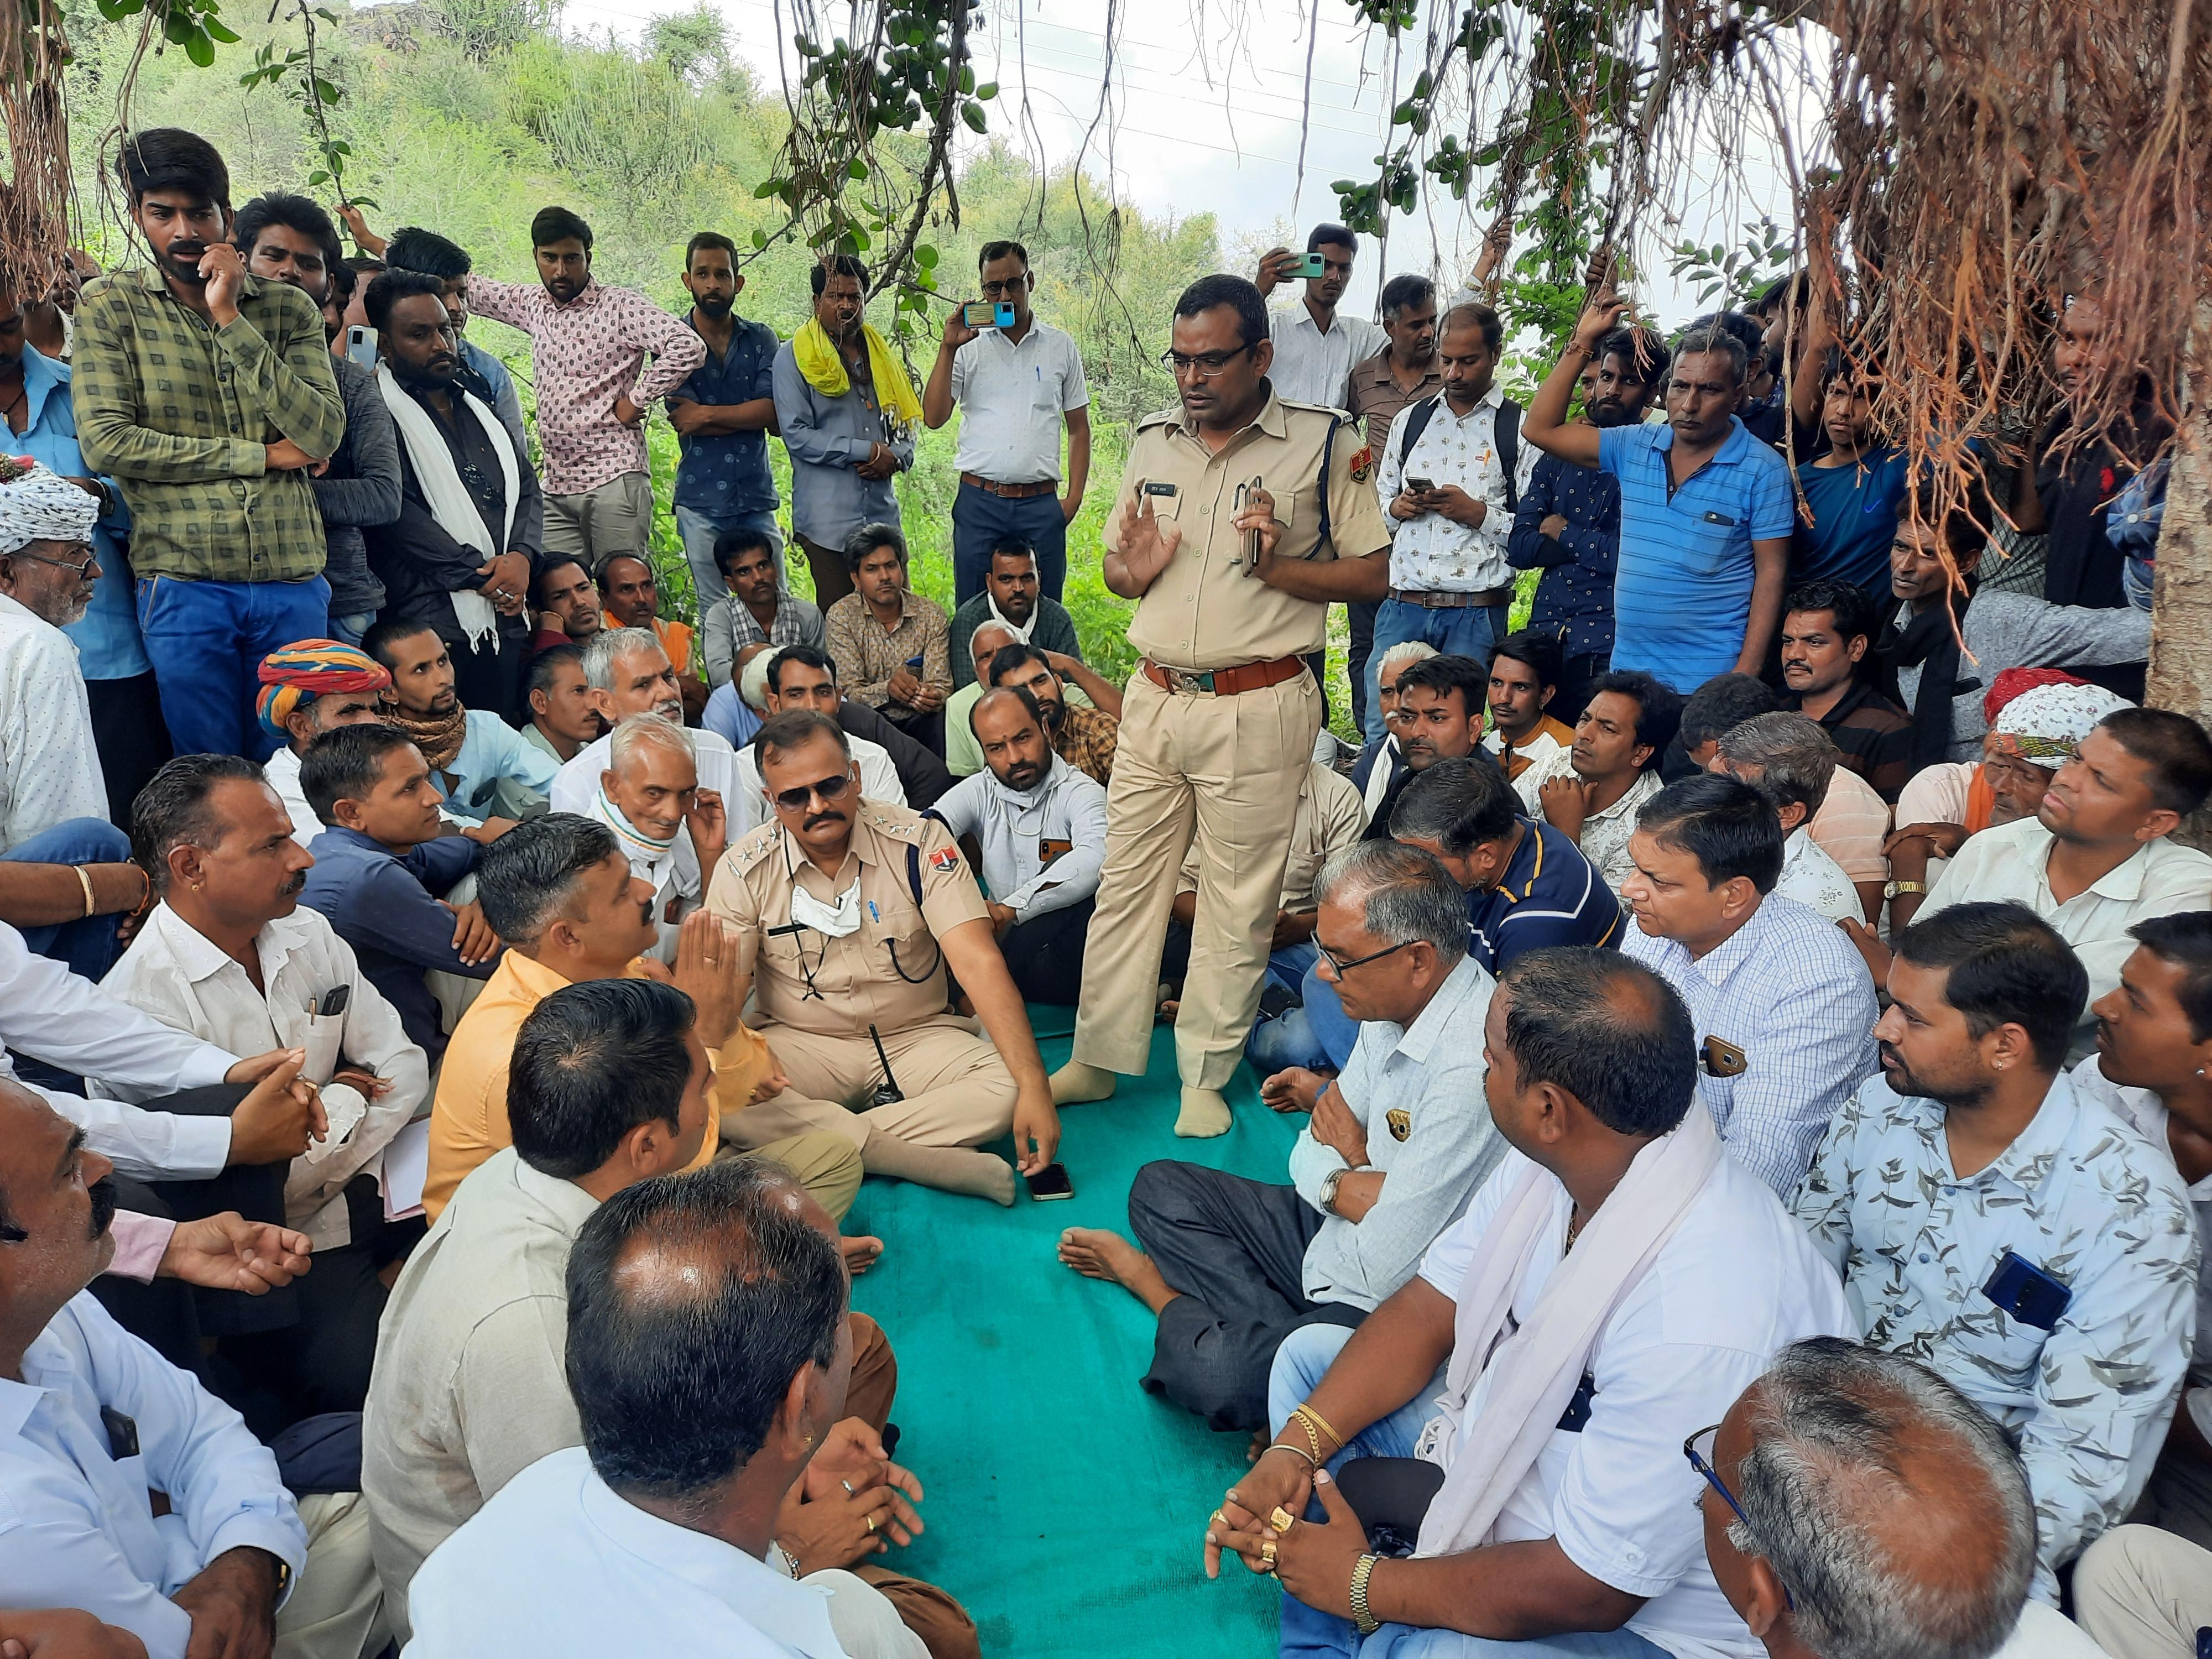 परिजनों ने शव लेने से किया इनकार ,थाने के बाहर धरने पर बैठे, लापता जुड़वां बच्चों का कुएं में मिला था शव|राजसमंद,Rajsamand - Dainik Bhaskar